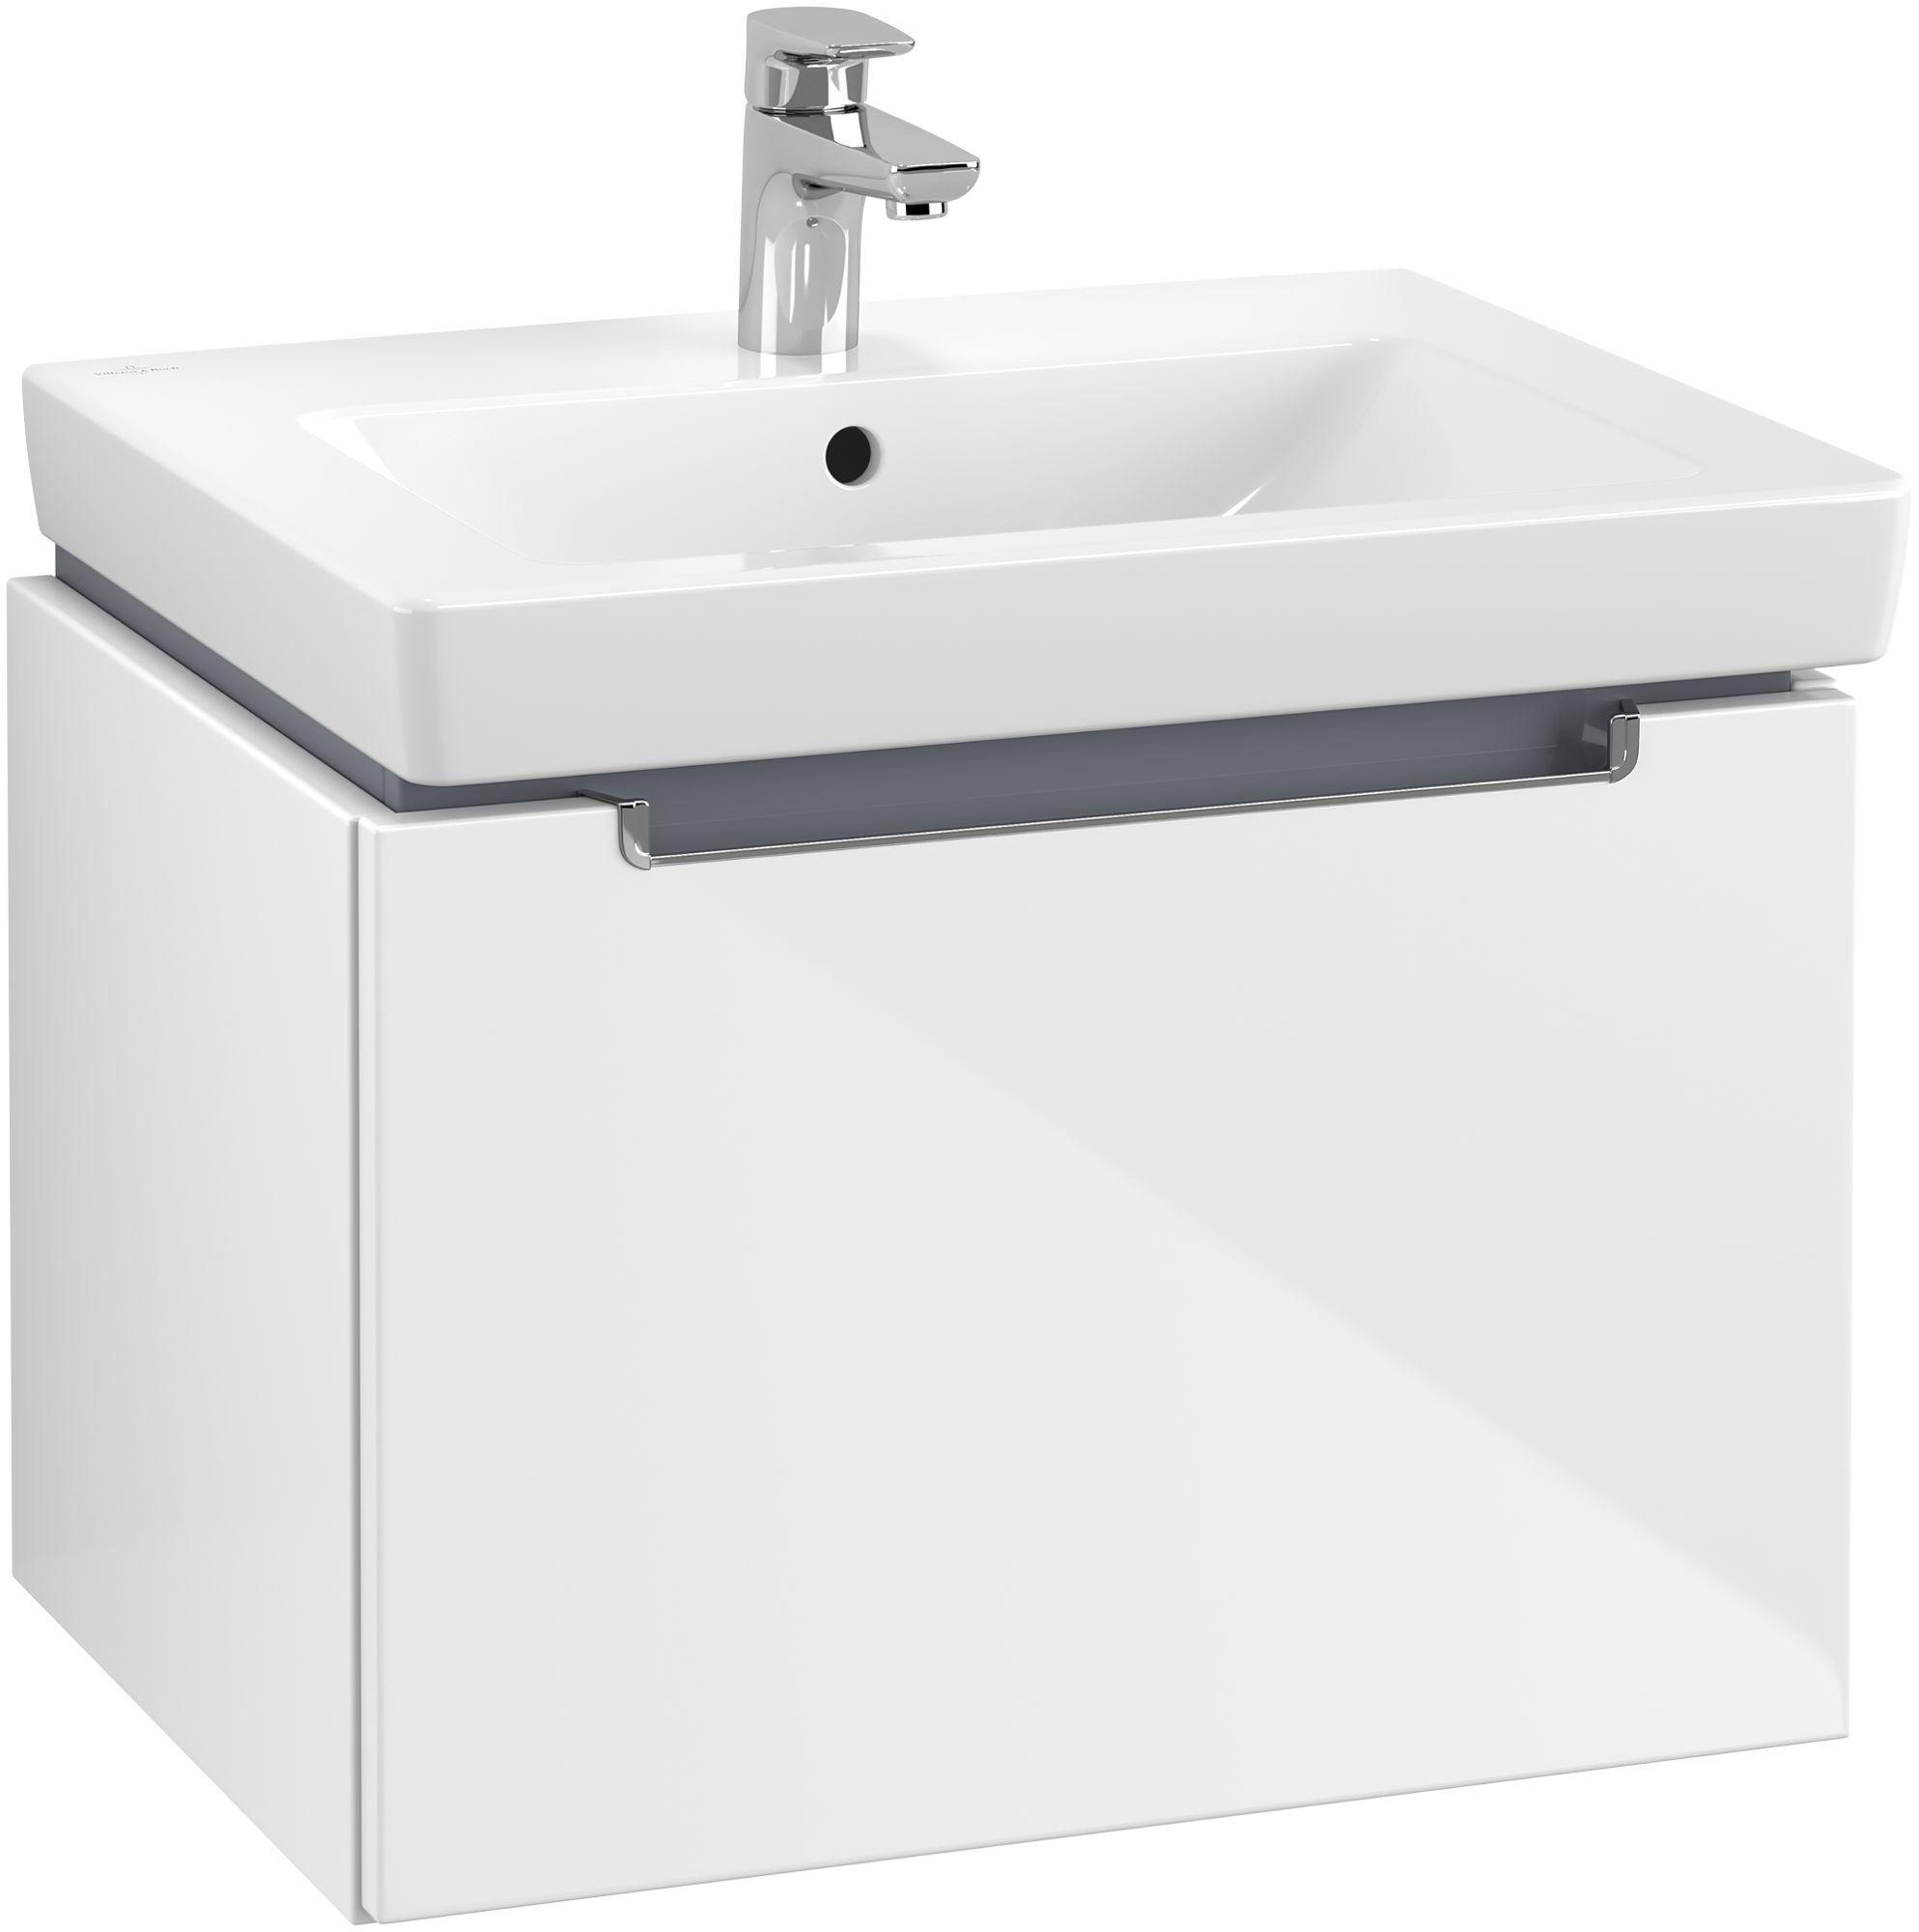 Villeroy & Boch Subway 2.0 Waschtischunterschrank 1 Auszug B:587xT:454xH:420mm glossy weiß Griffe chrom A68710DH